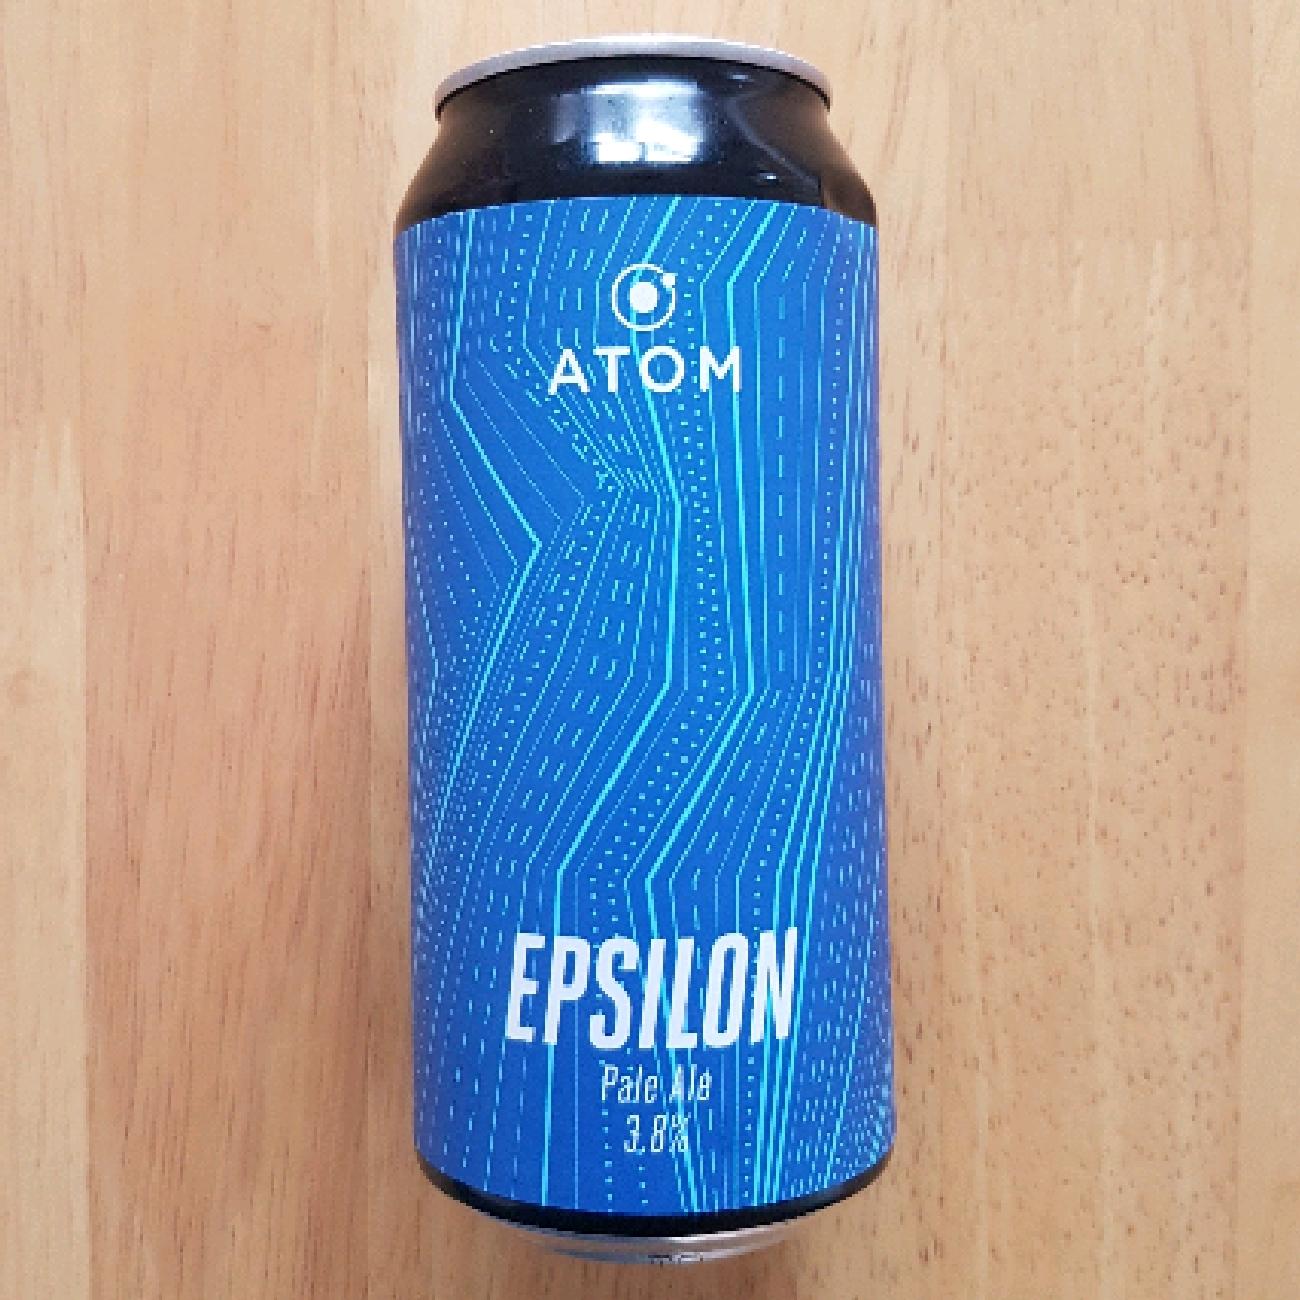 Atom Epsilon